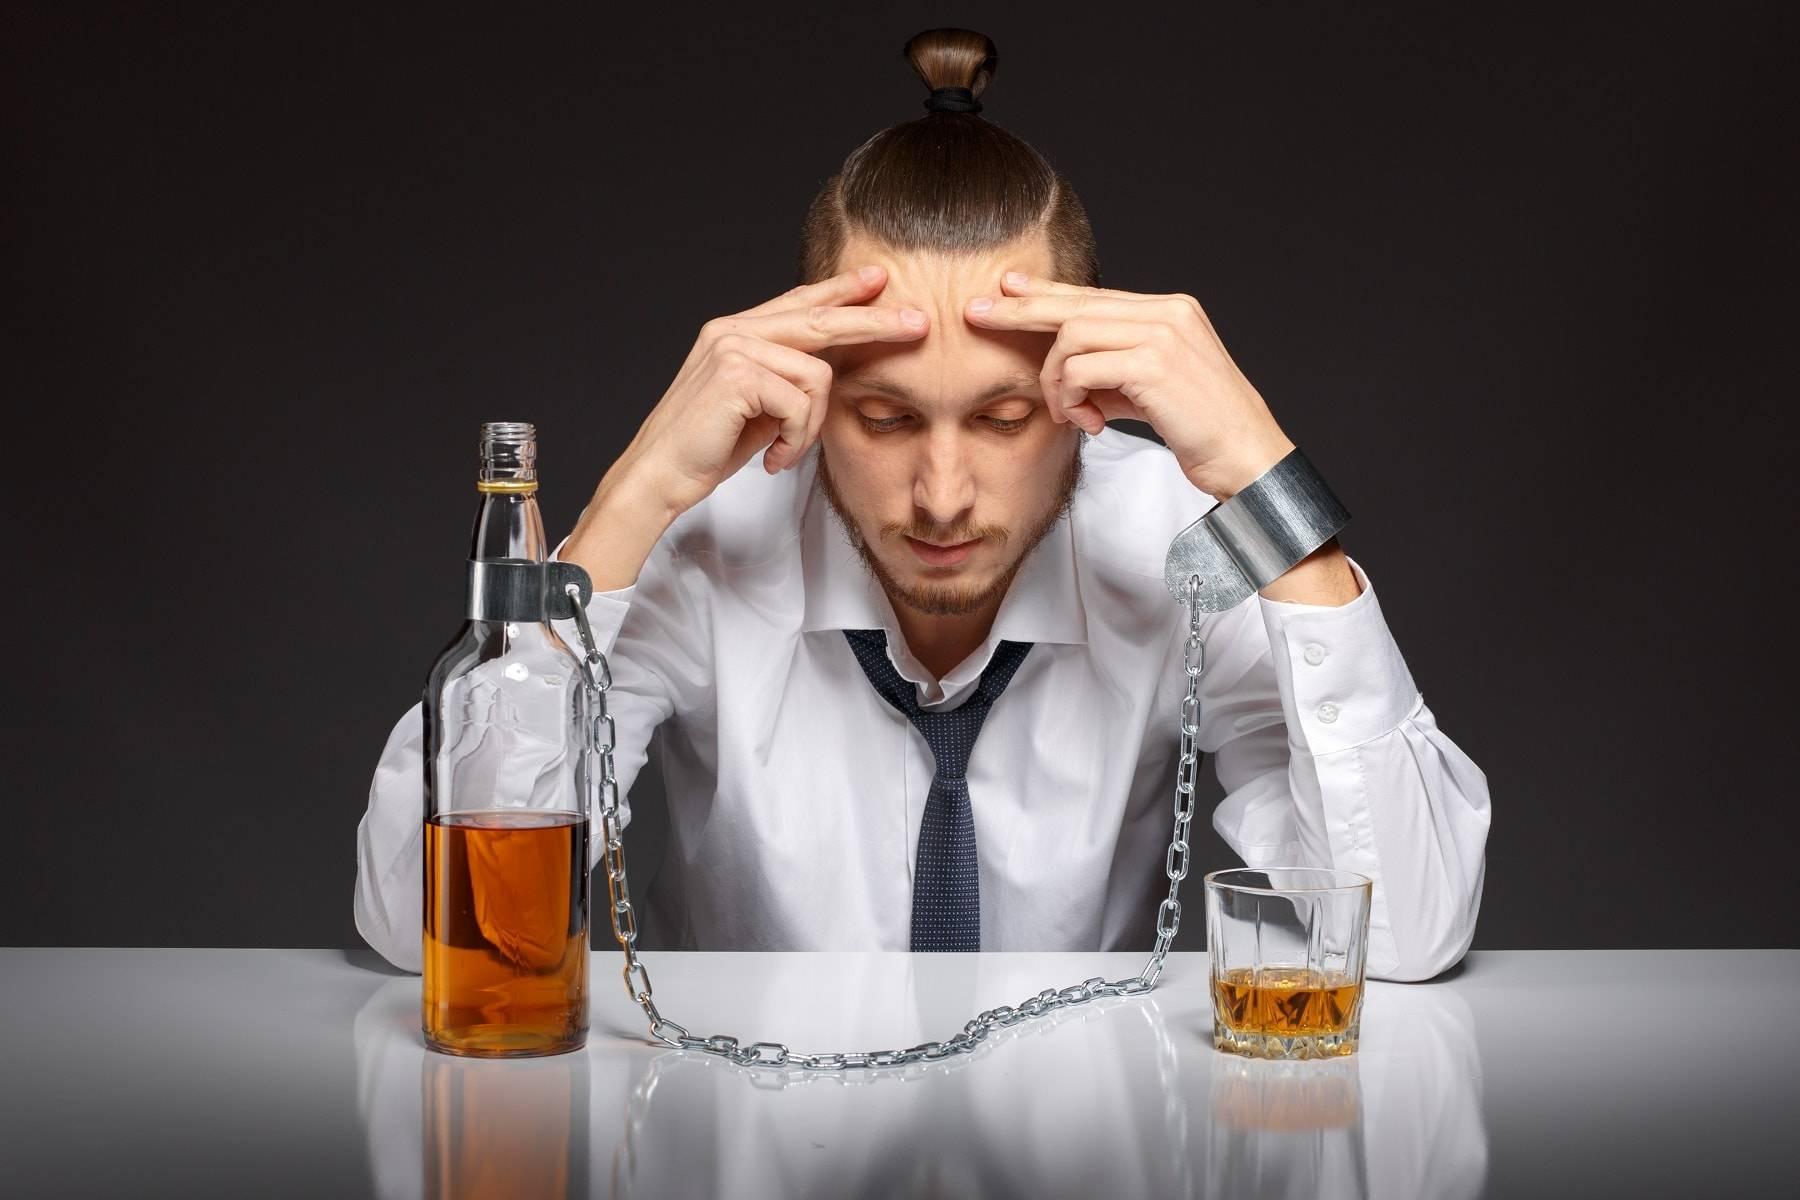 Он стал алкоголиком, потому что в детстве… события, ведущие к зависимости. причины алкогольной зависимости